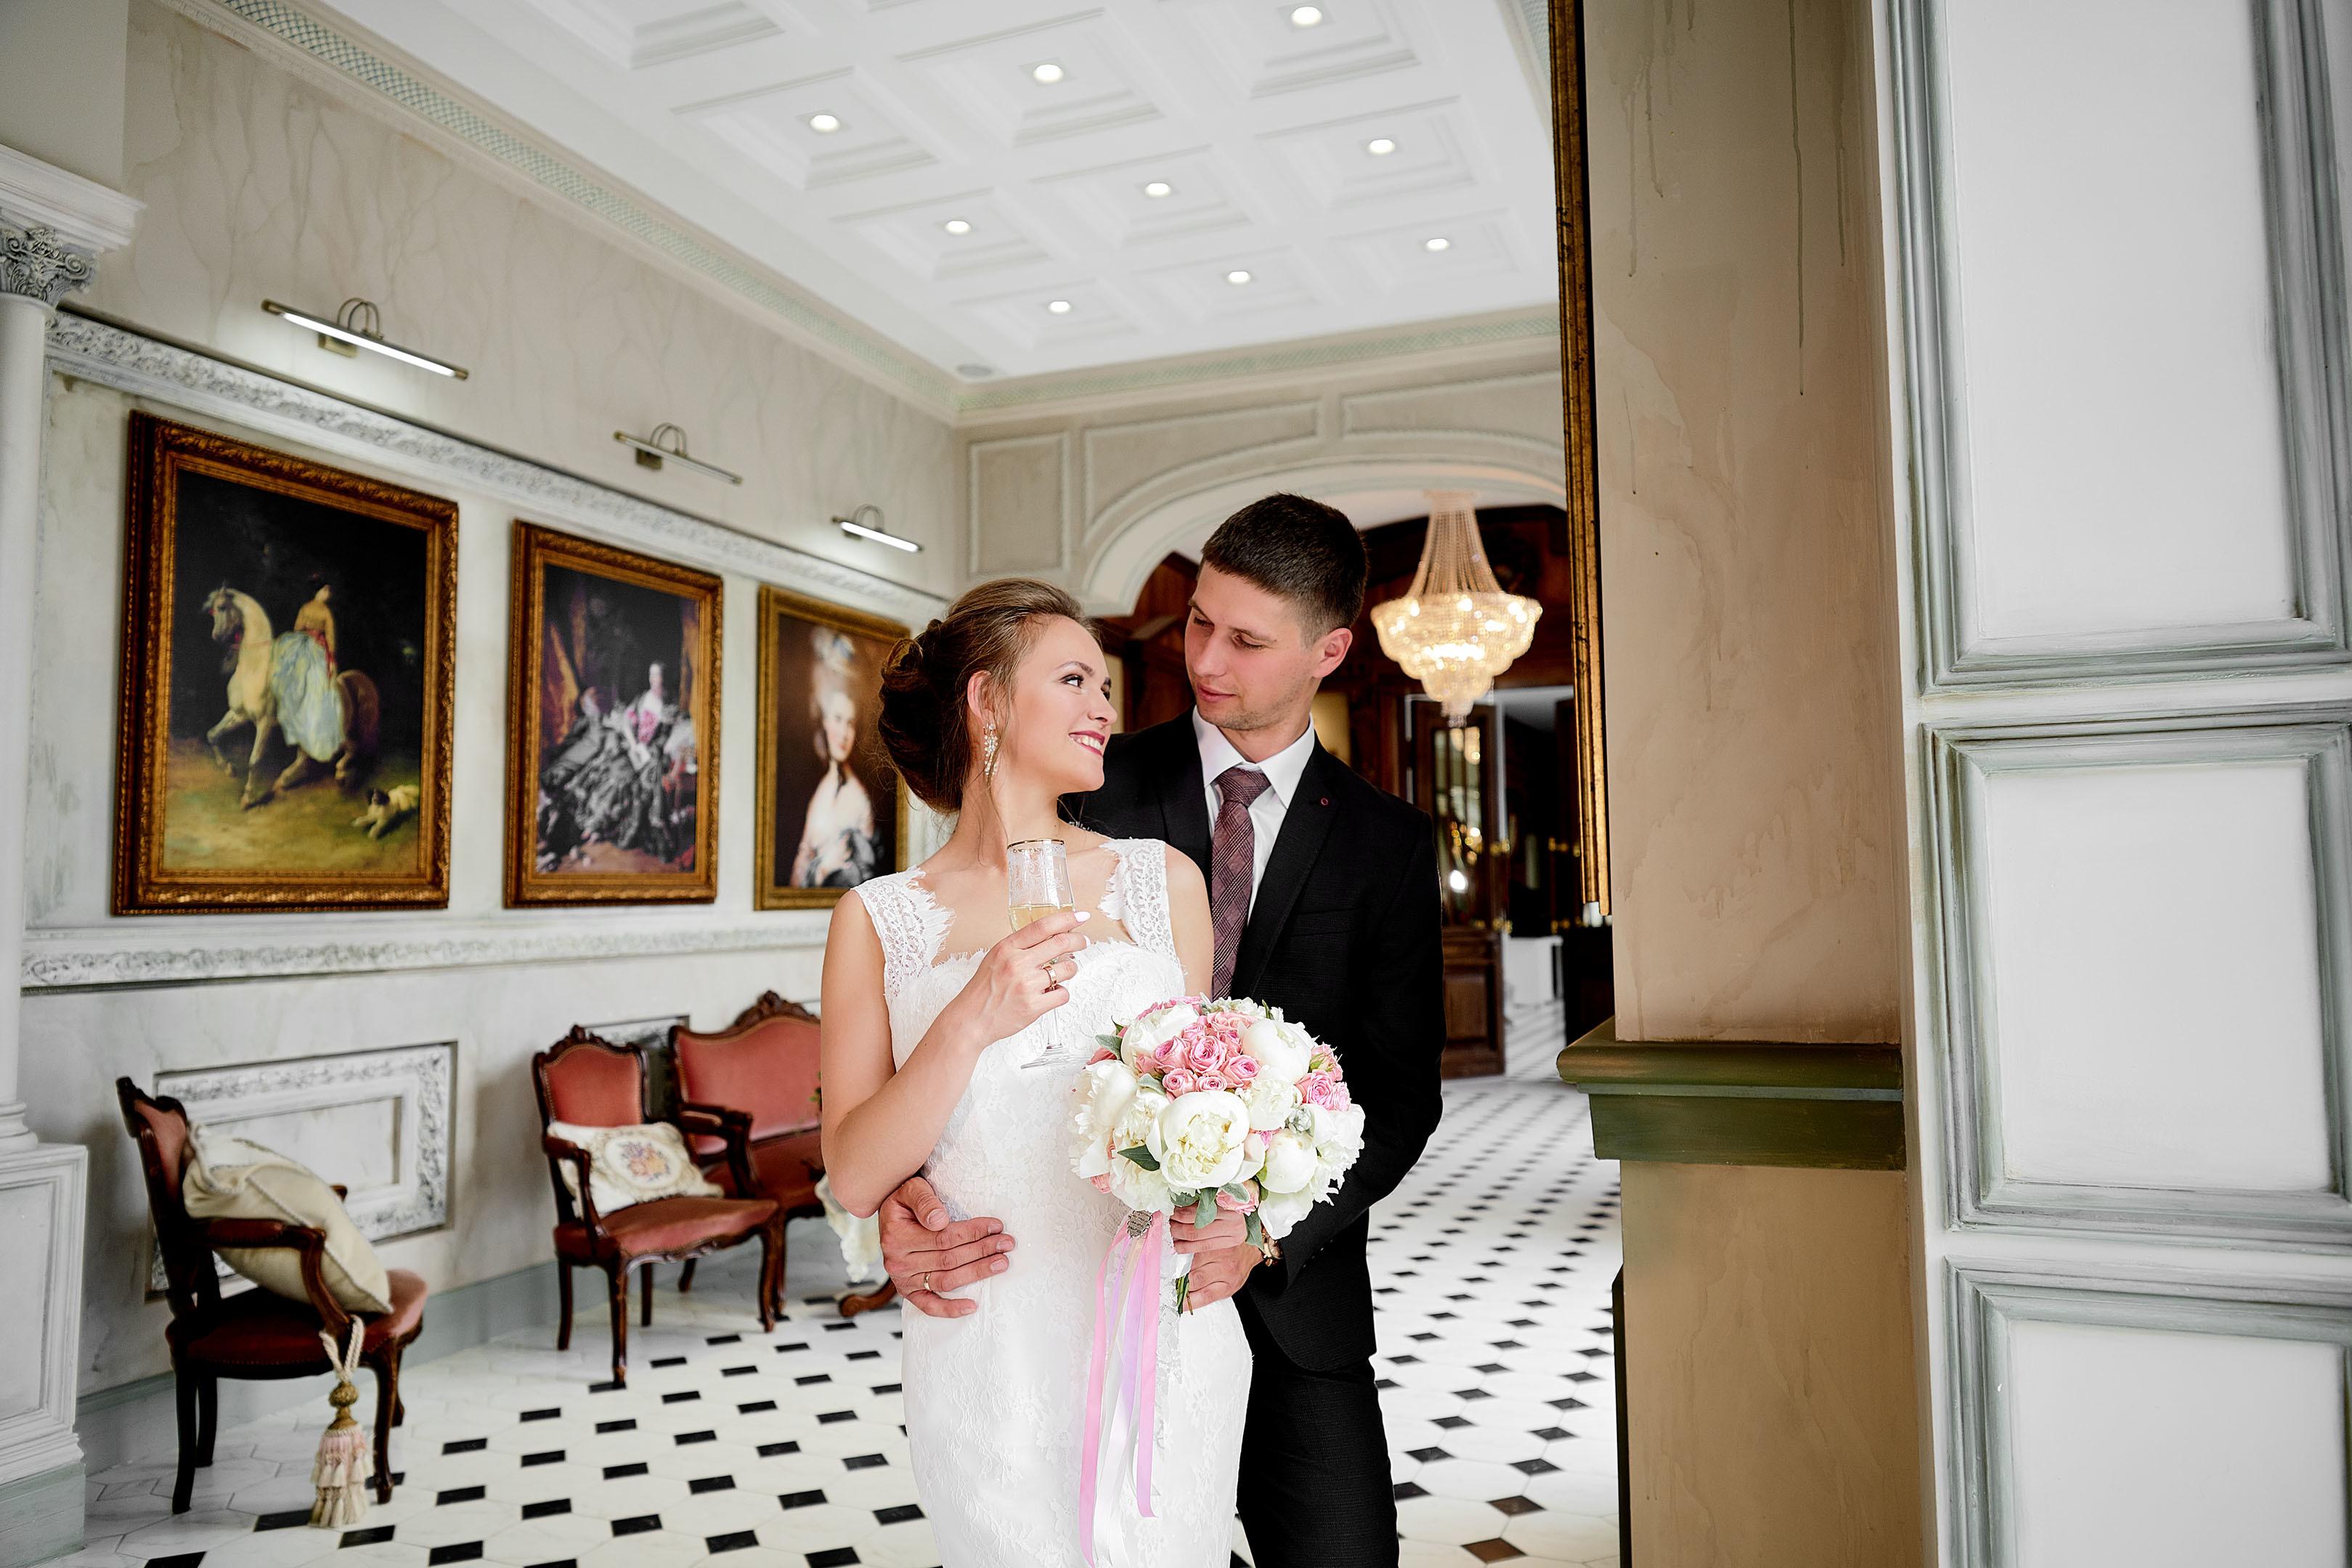 Свадебная фотосессия в фотостудии, свадебный фотограф Спб, Питер